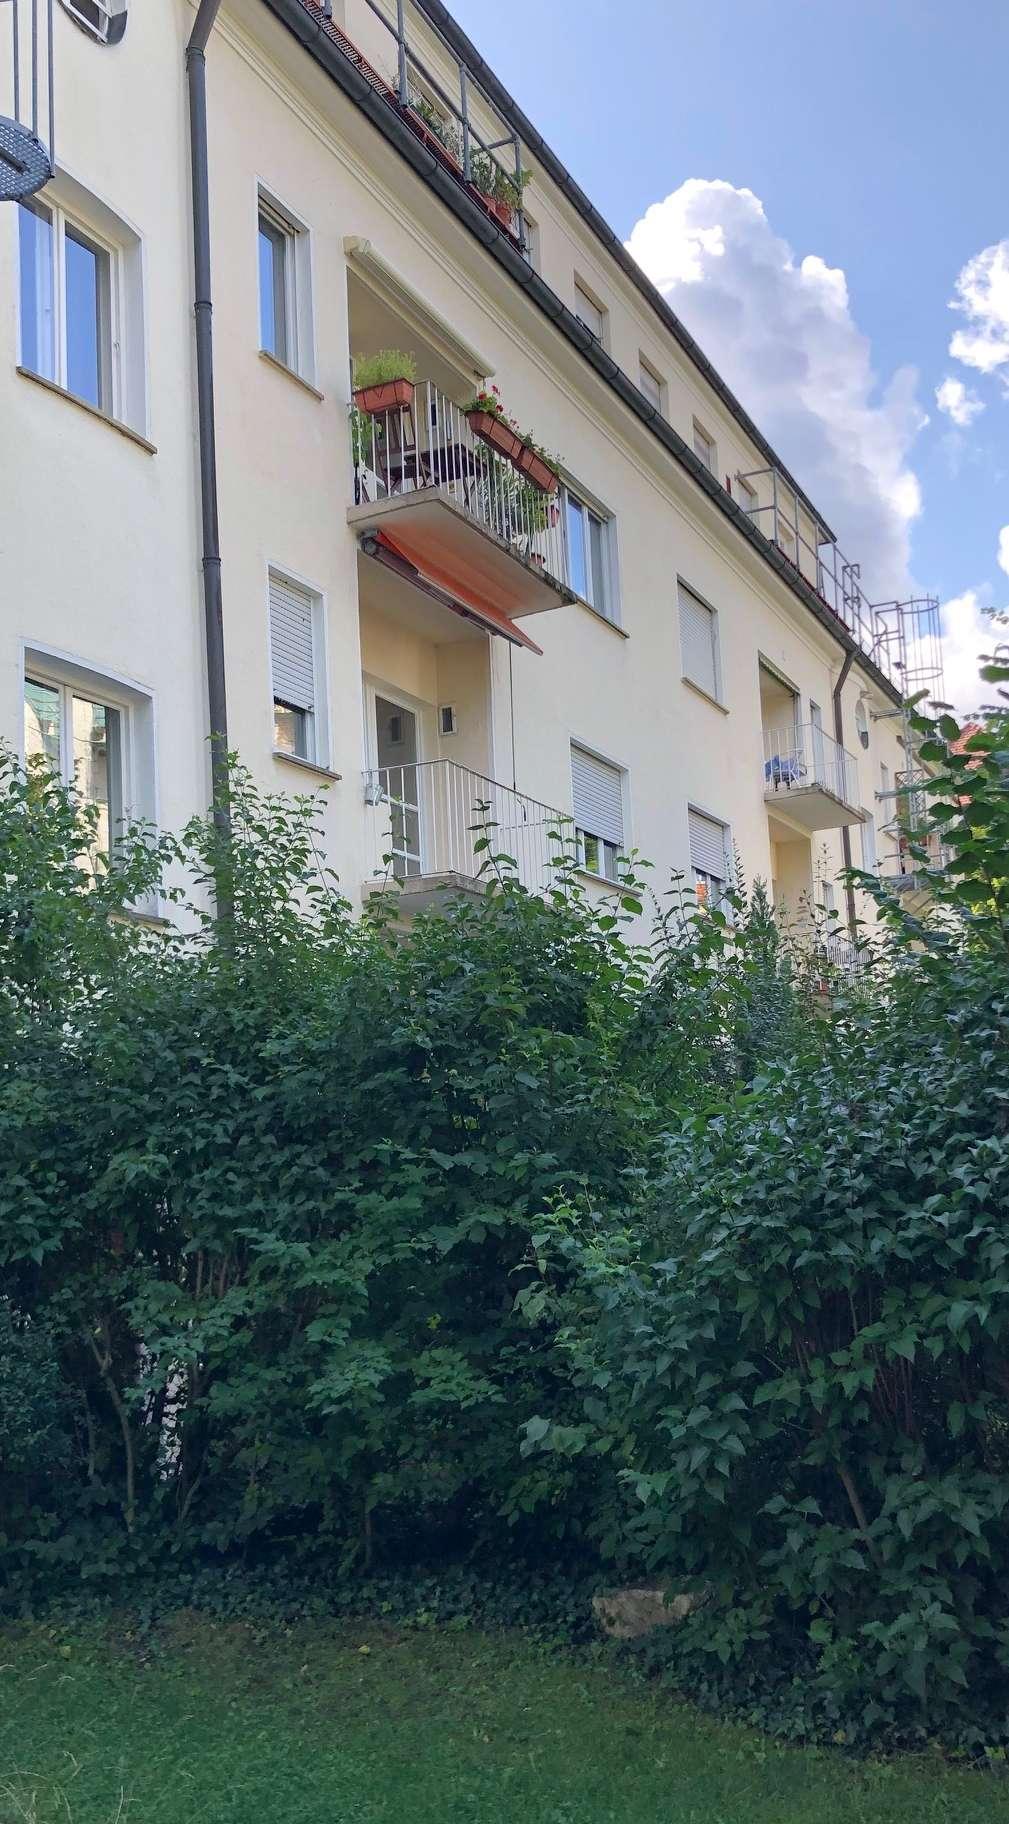 Bestlage Altschwabing, Englischer Garten - Sonnige 3,5 Zimmer Wohnung in Schwabing (München)